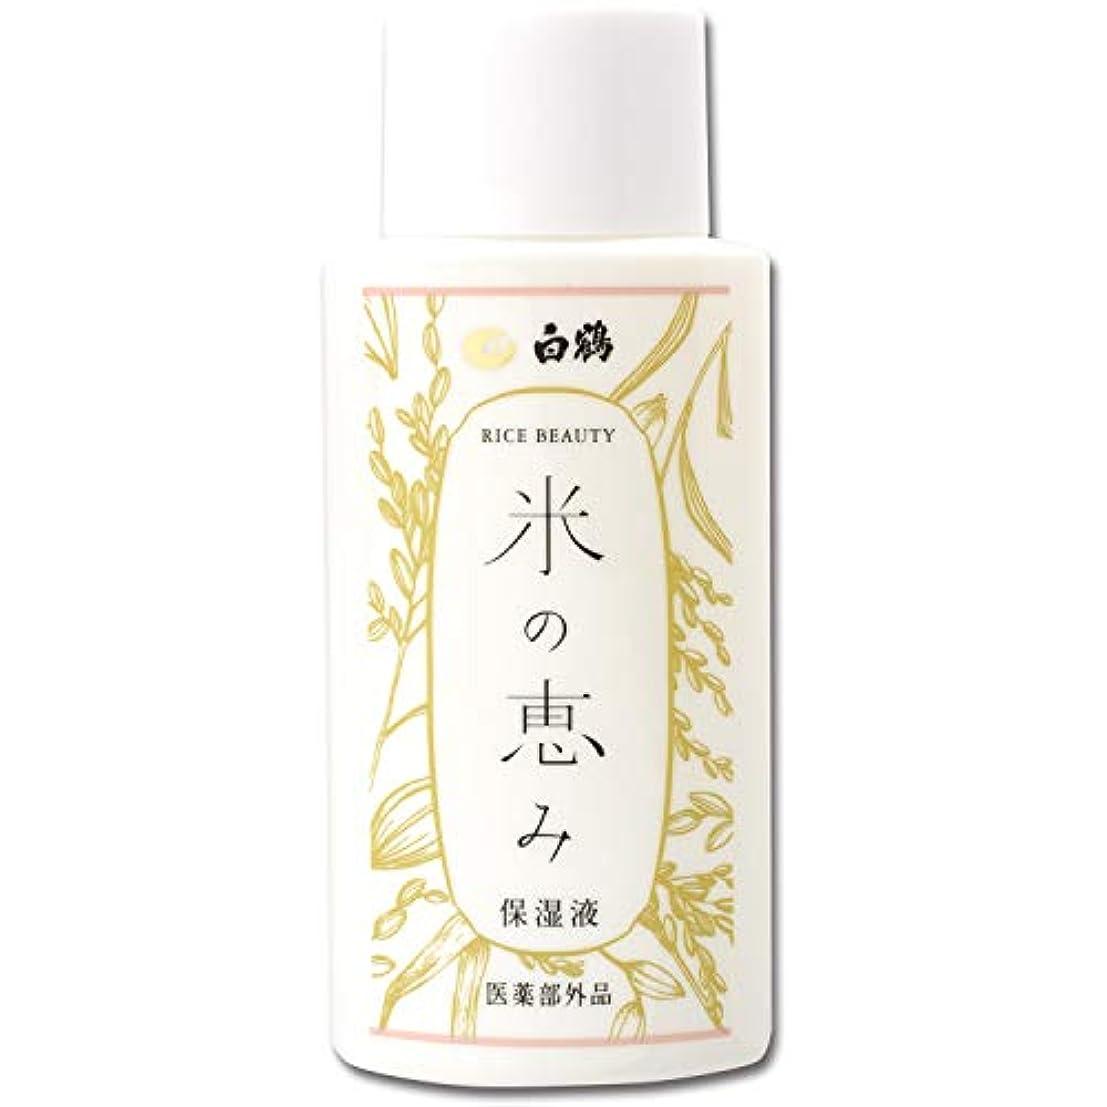 アルプス無線用心する白鶴 ライスビューティー 米の恵み 保湿液 150ml(高保湿とろみ化粧水/医薬部外品)